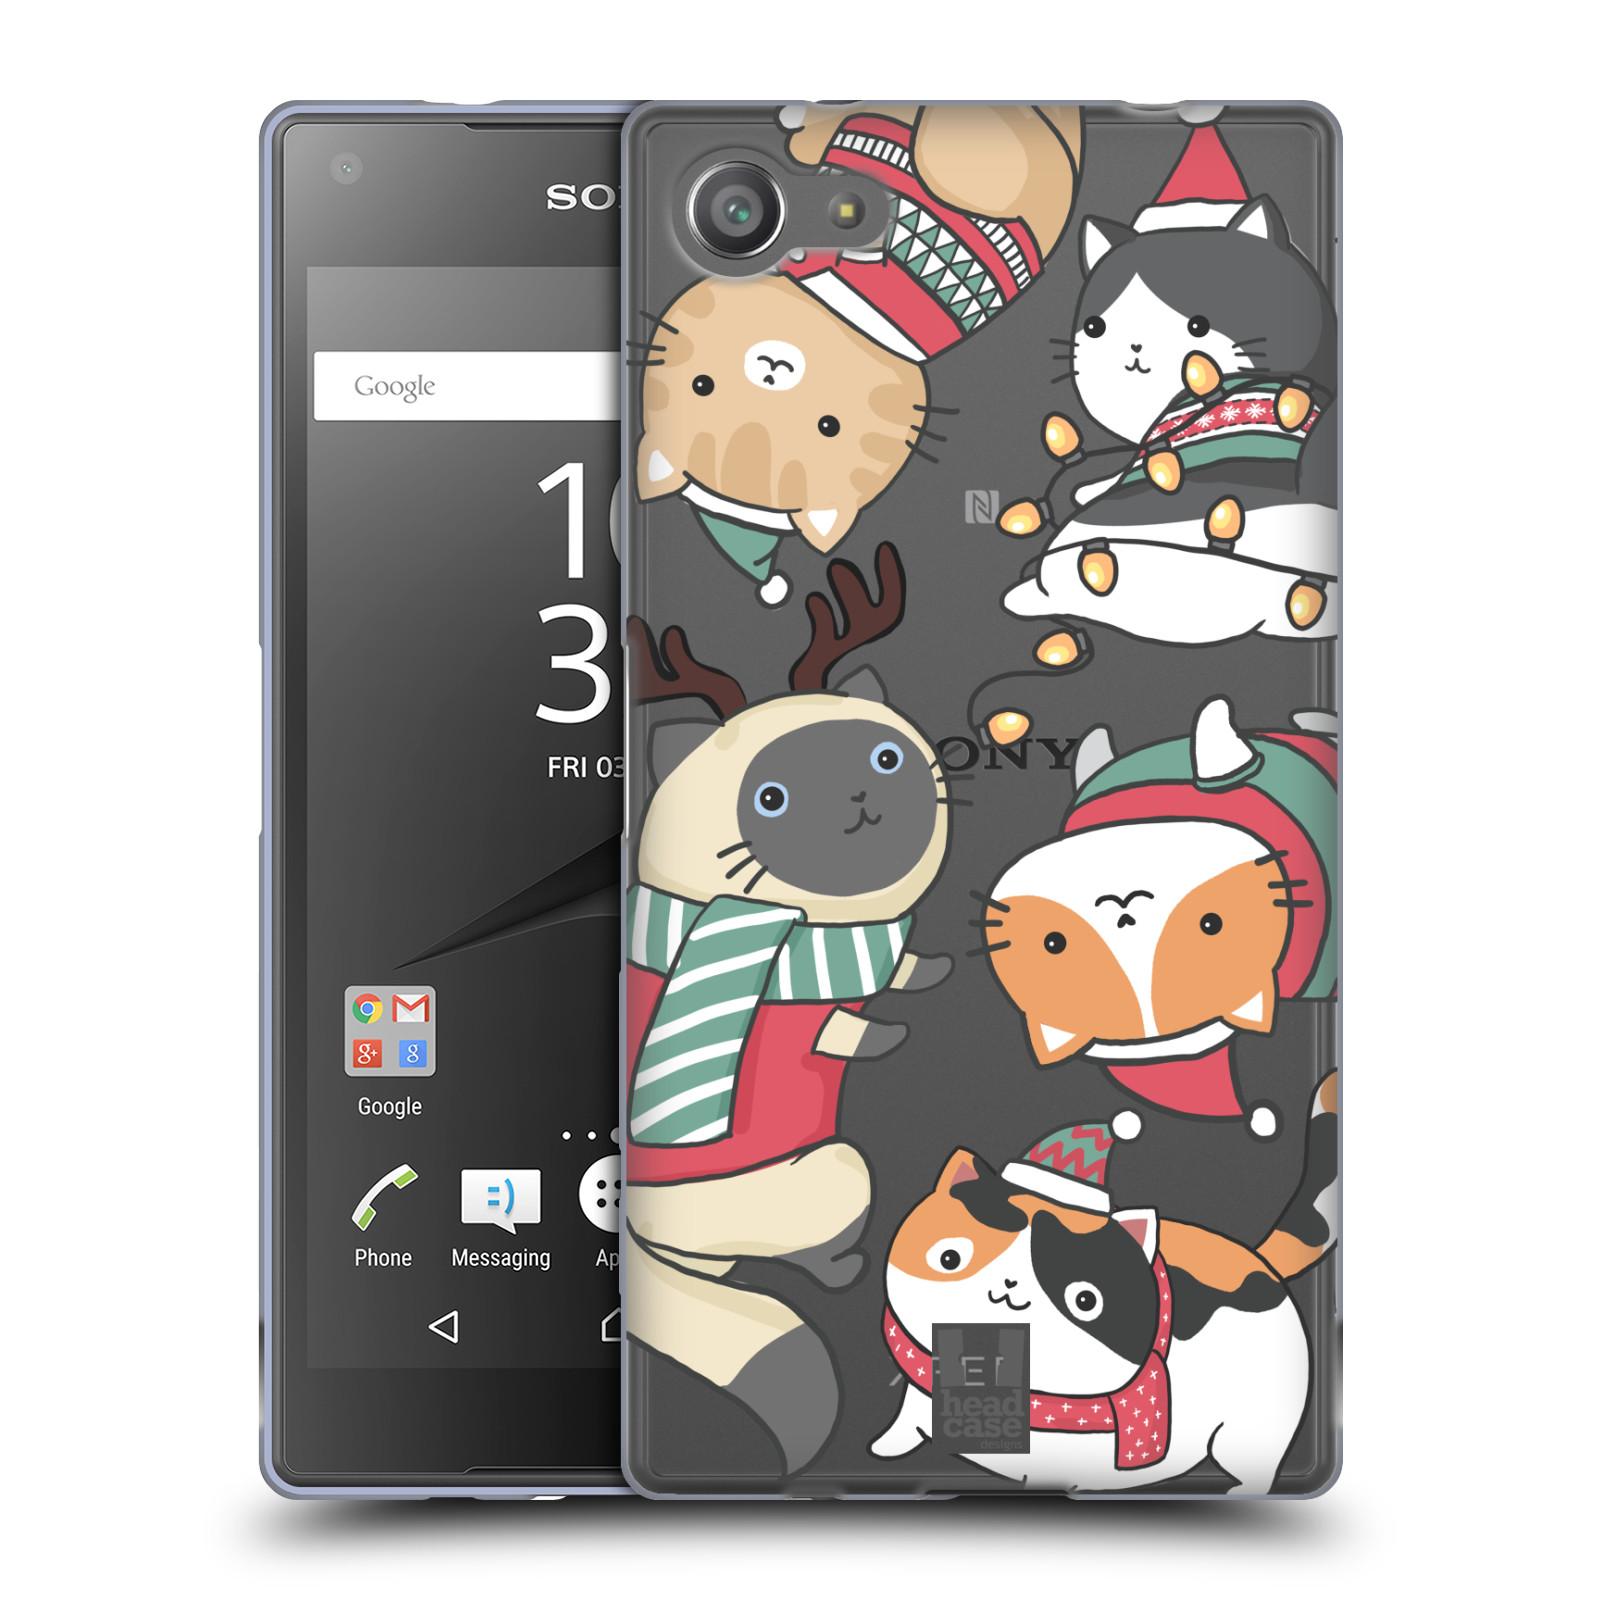 Silikonové pouzdro na mobil Sony Xperia Z5 Compact - Head Case - Vánoční kočičky